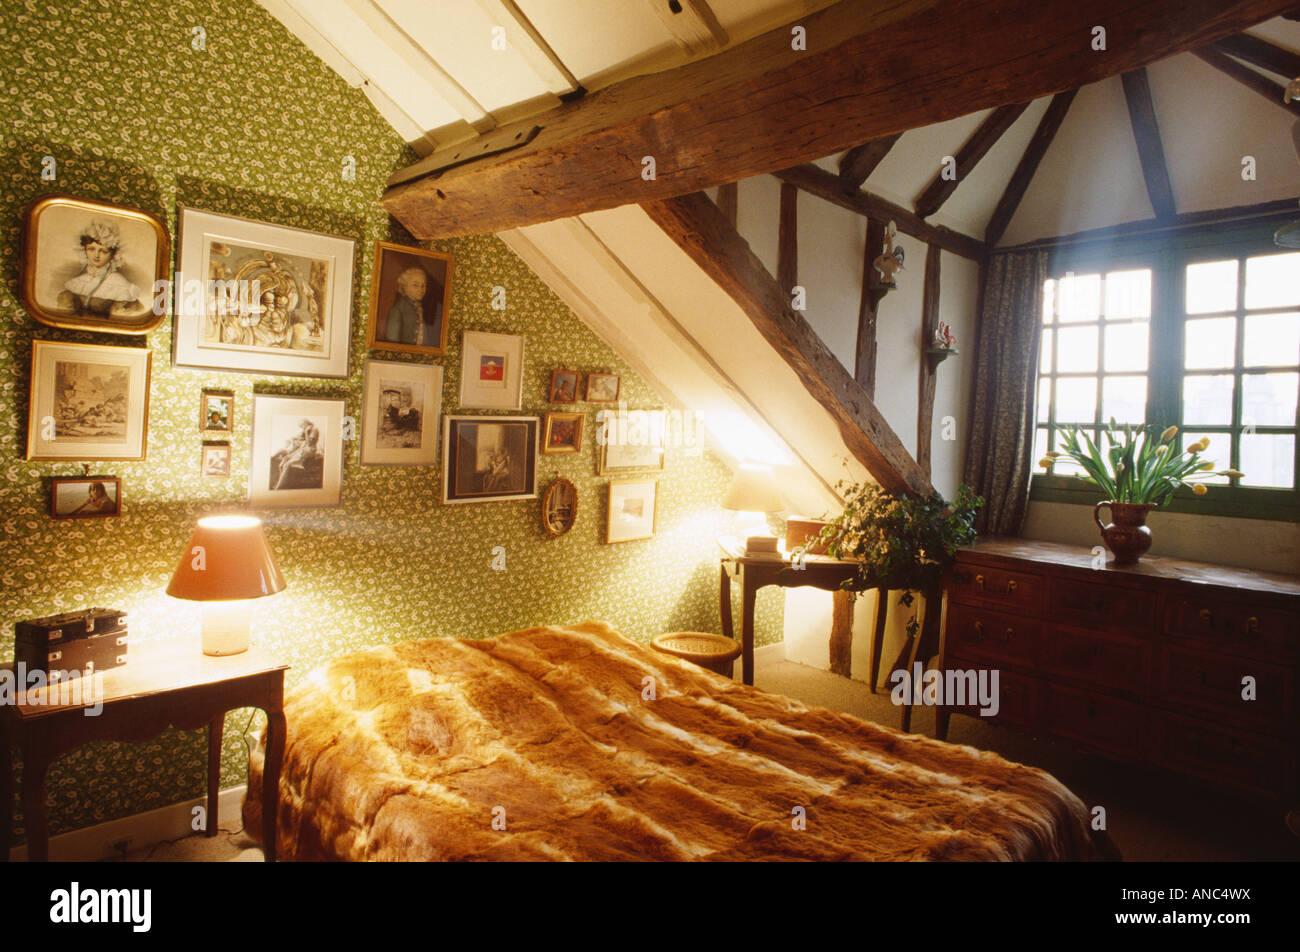 Papier Peint Chambre Mansardée la fausse fourrure jeter sur lit de 70 chambre mansardée